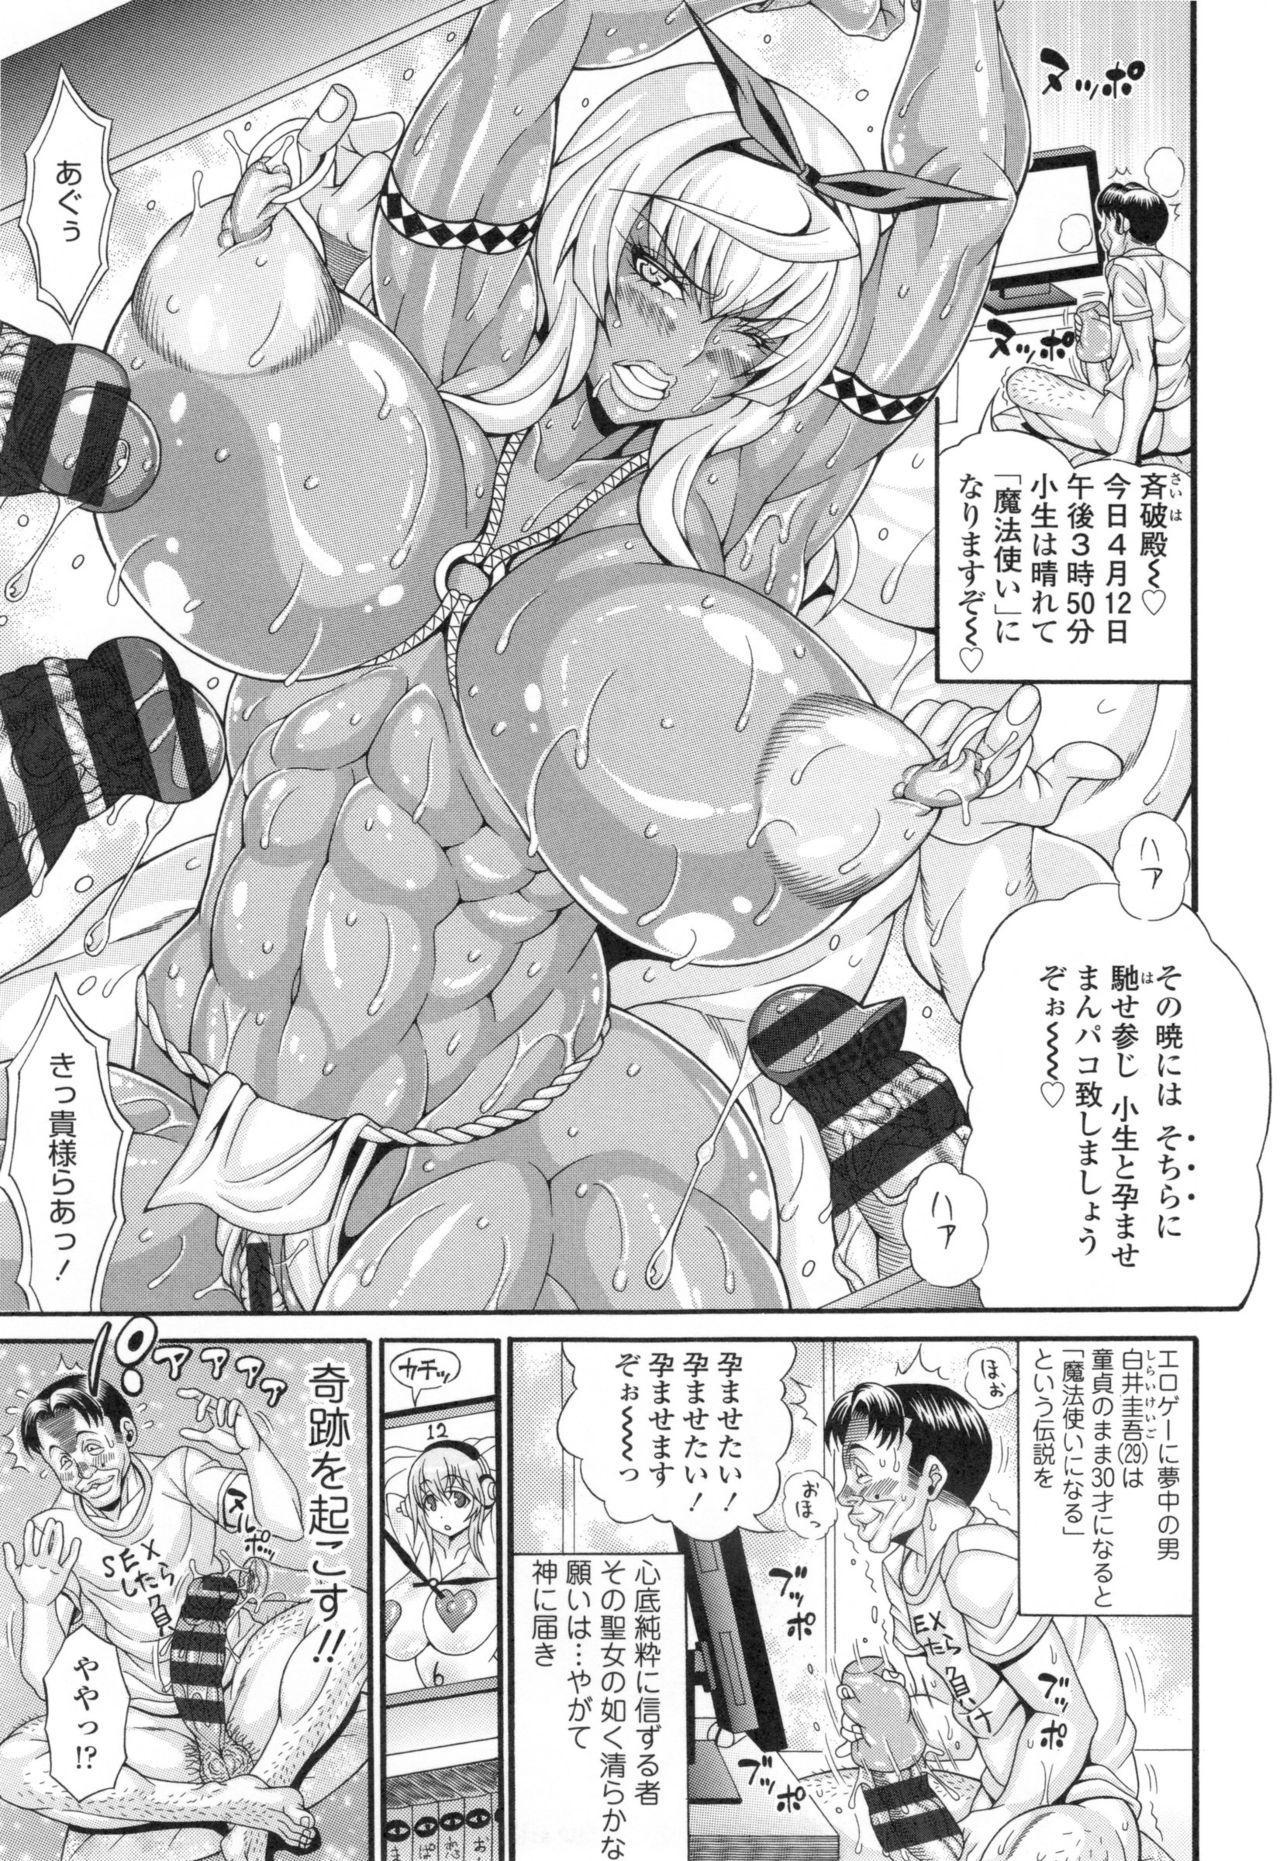 [Andou Hiroyuki] Pakopako Bitch ~Megamori! Mashimashi! Dosukebe Niku~ + Toranoana Leaflet 157